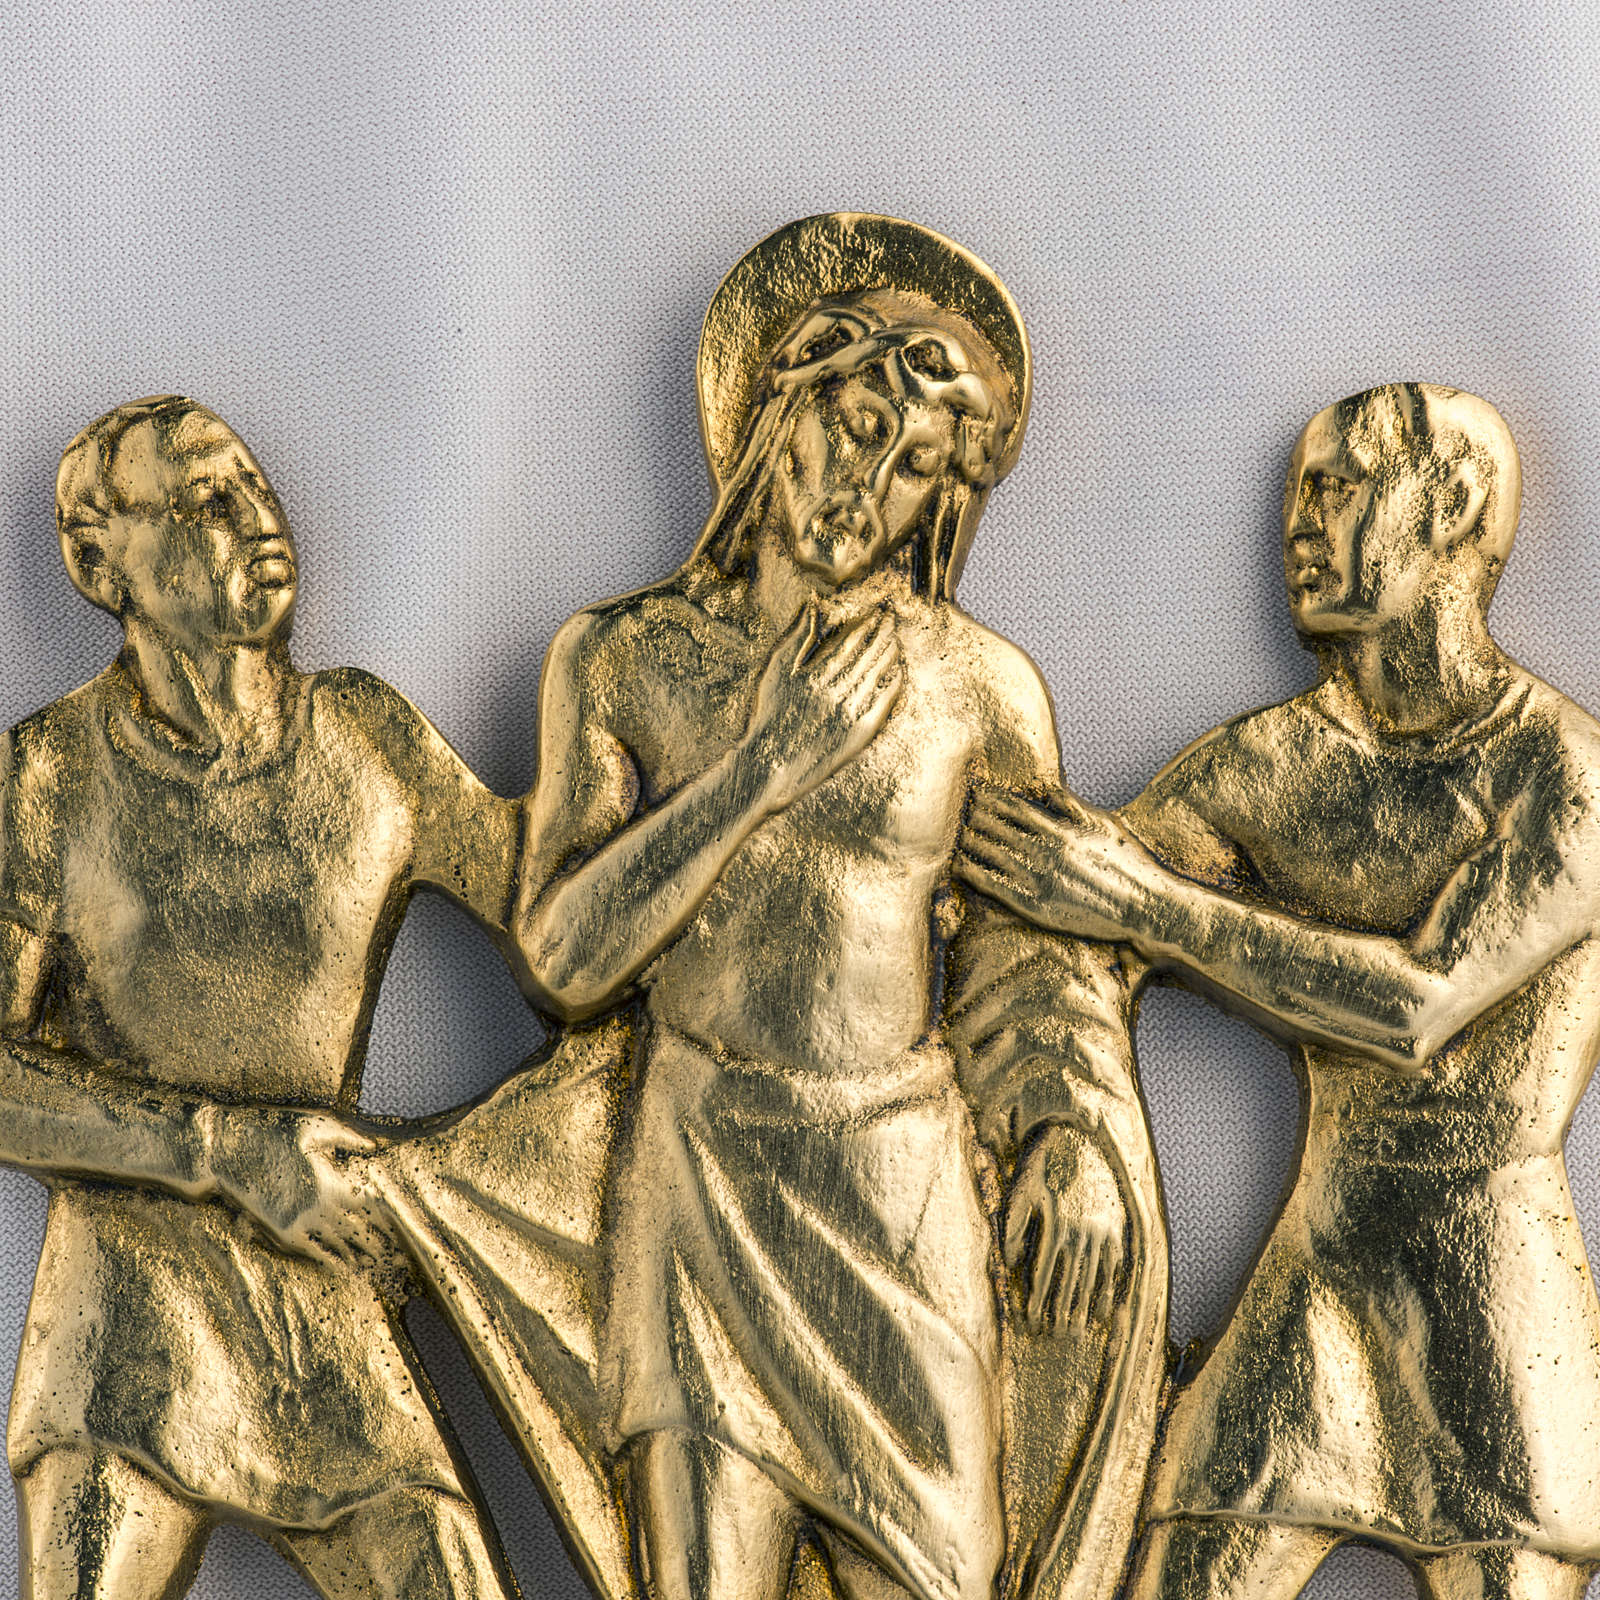 Via Crucis ottone fuso 17x20 cm - 15 stazioni 4